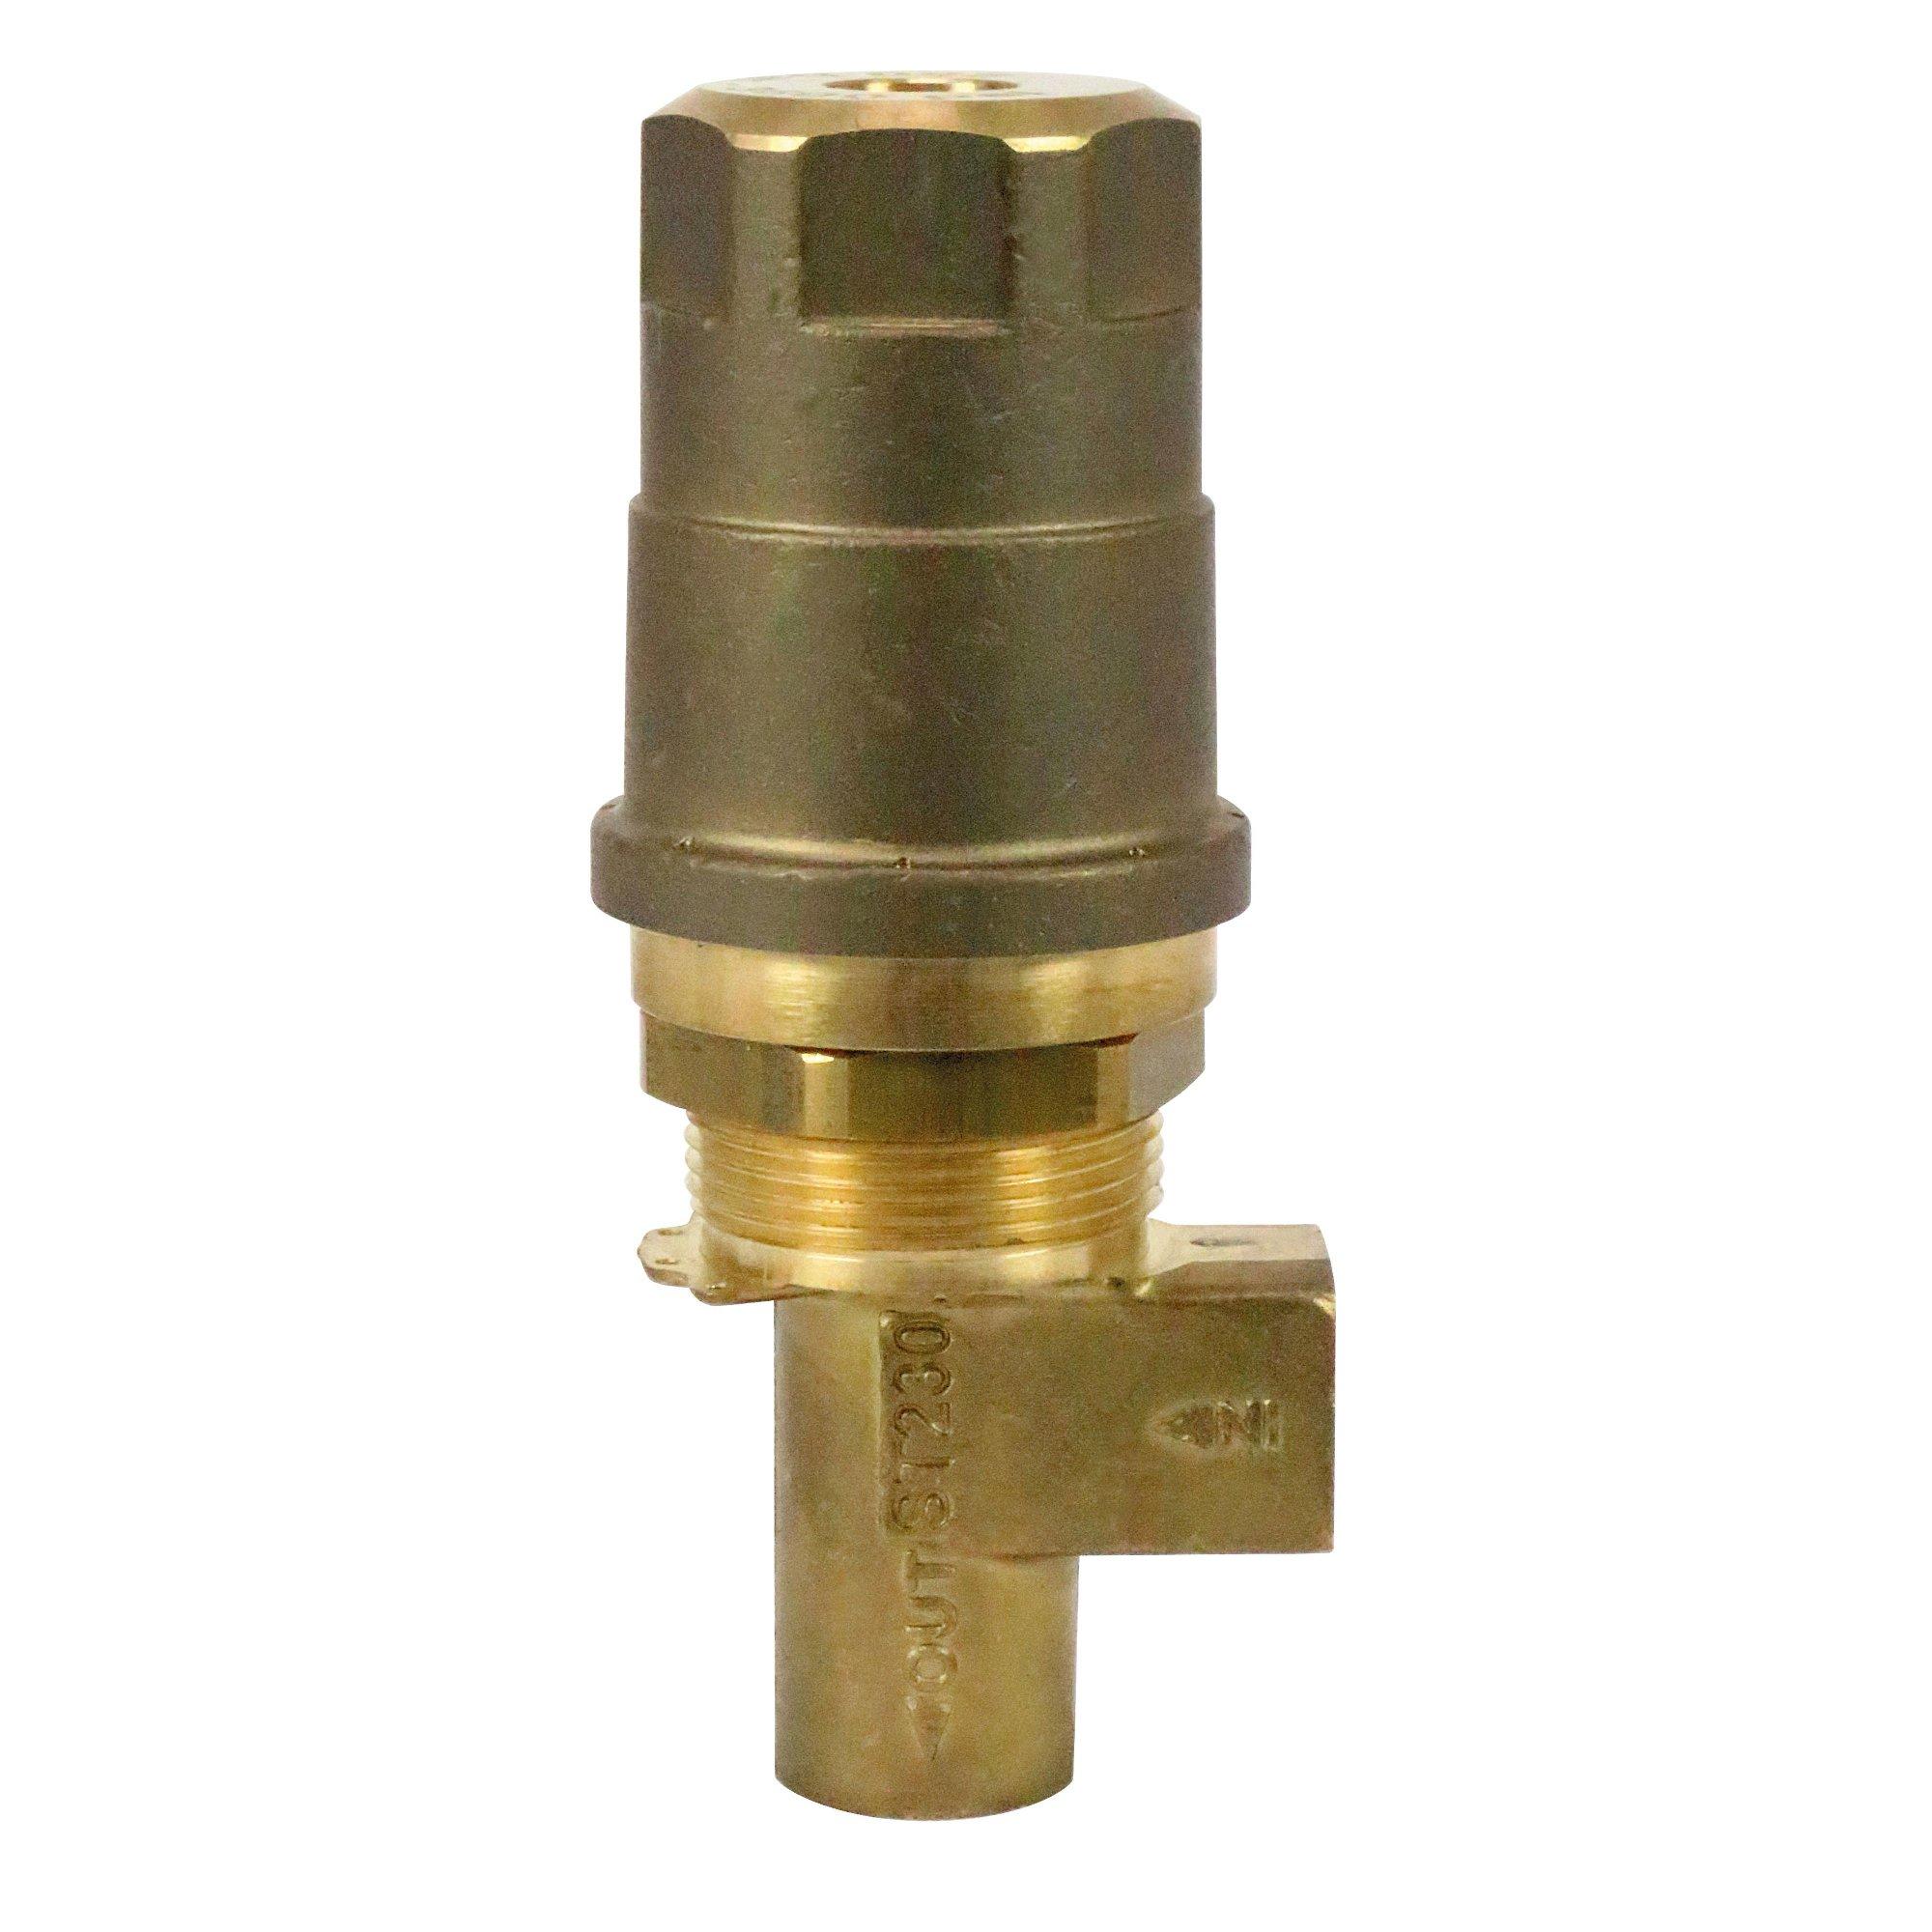 Suttner Druckbegrenzungsventil ST-230 M16x1,5 350 Bar Druckbegrenzungsventil ST-230 350 bar M16x1,5AG